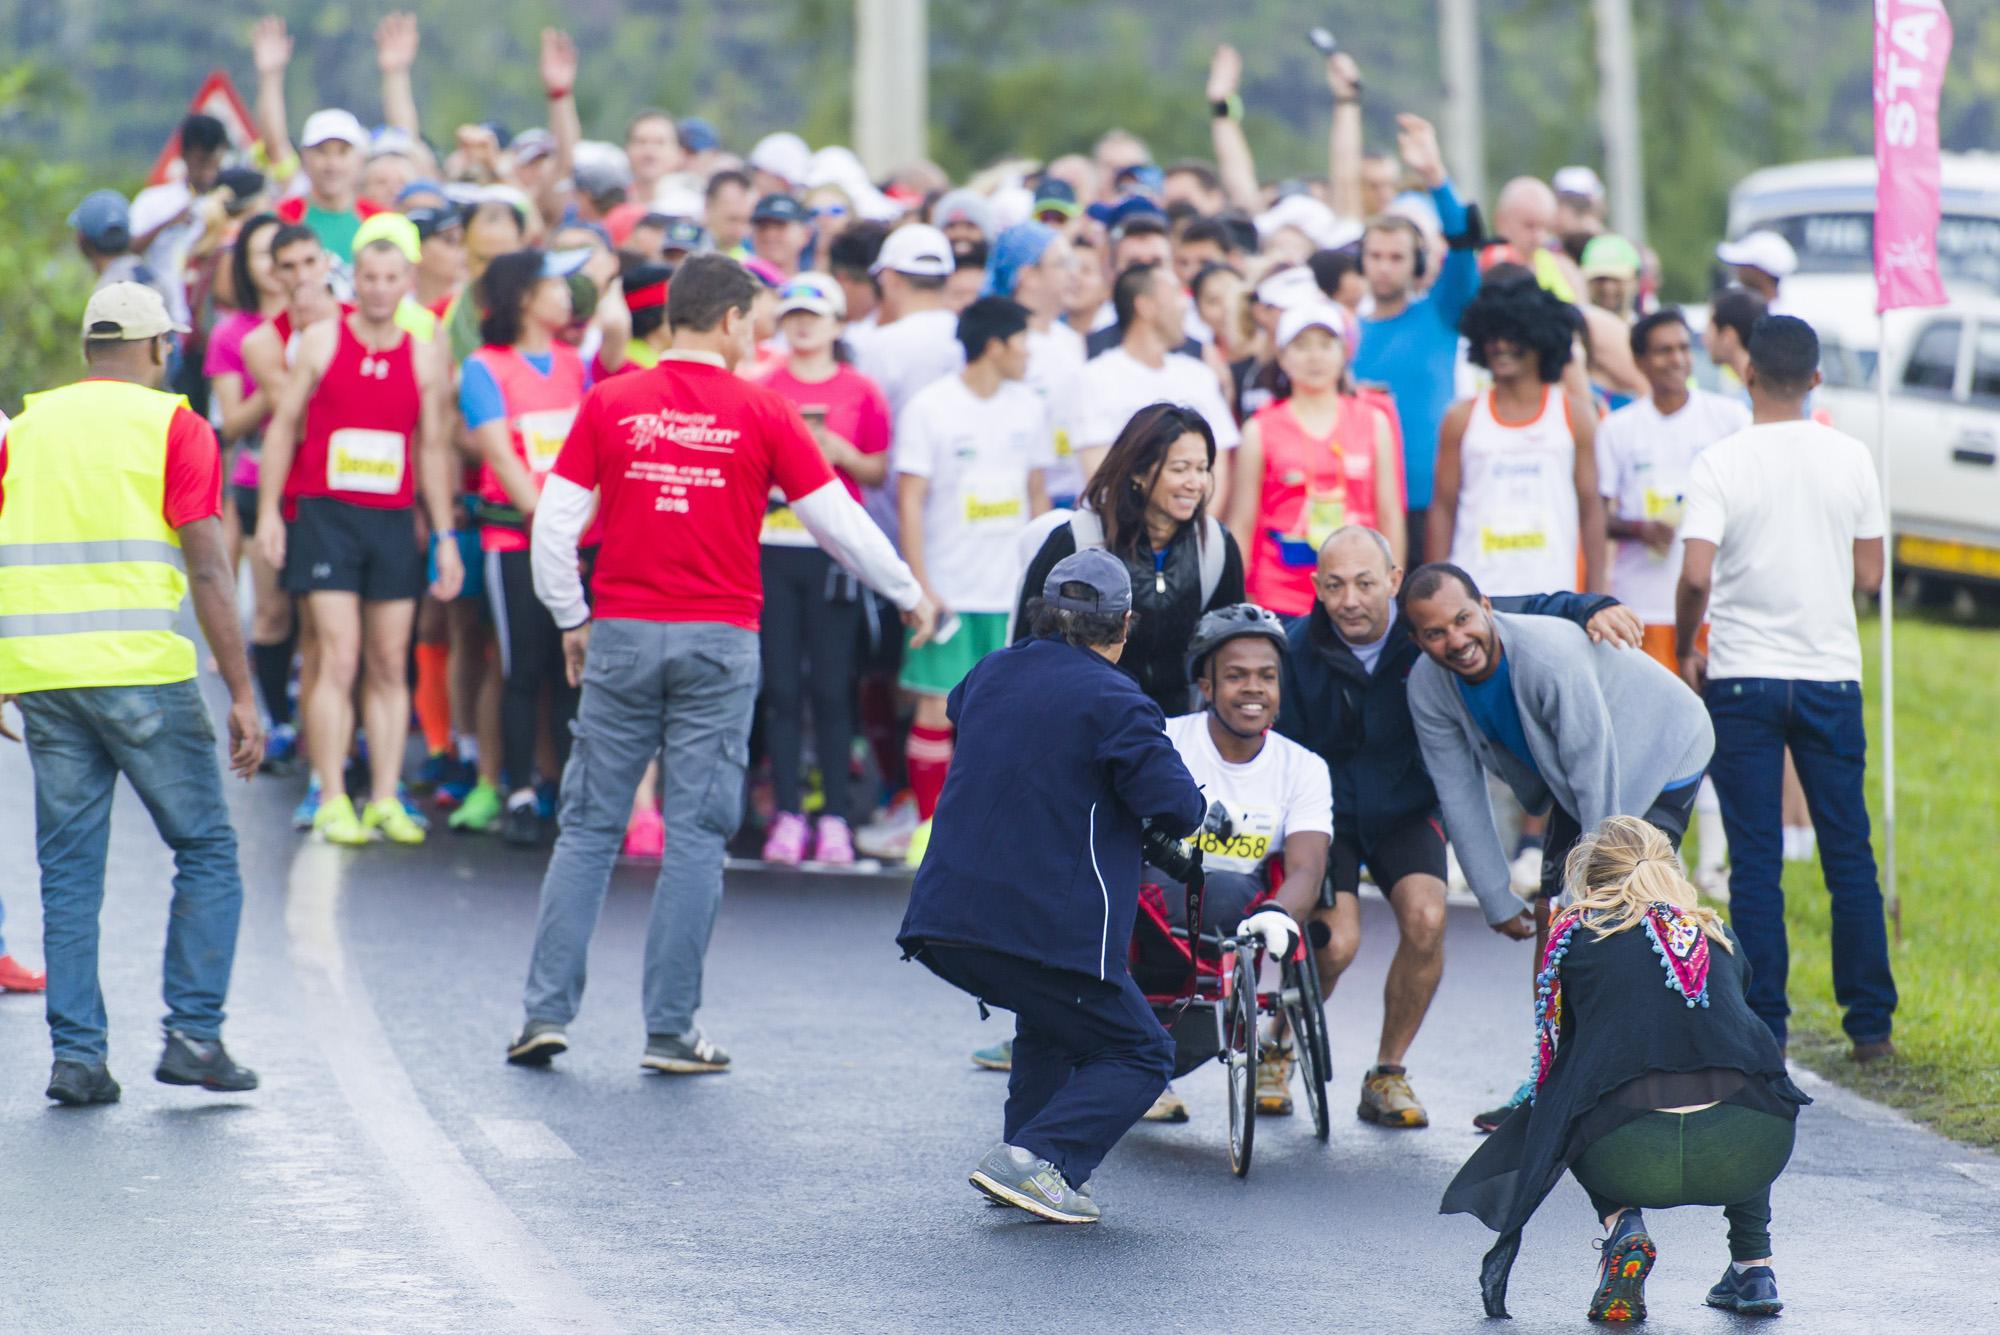 Marathon - Lux 2017-6.jpg